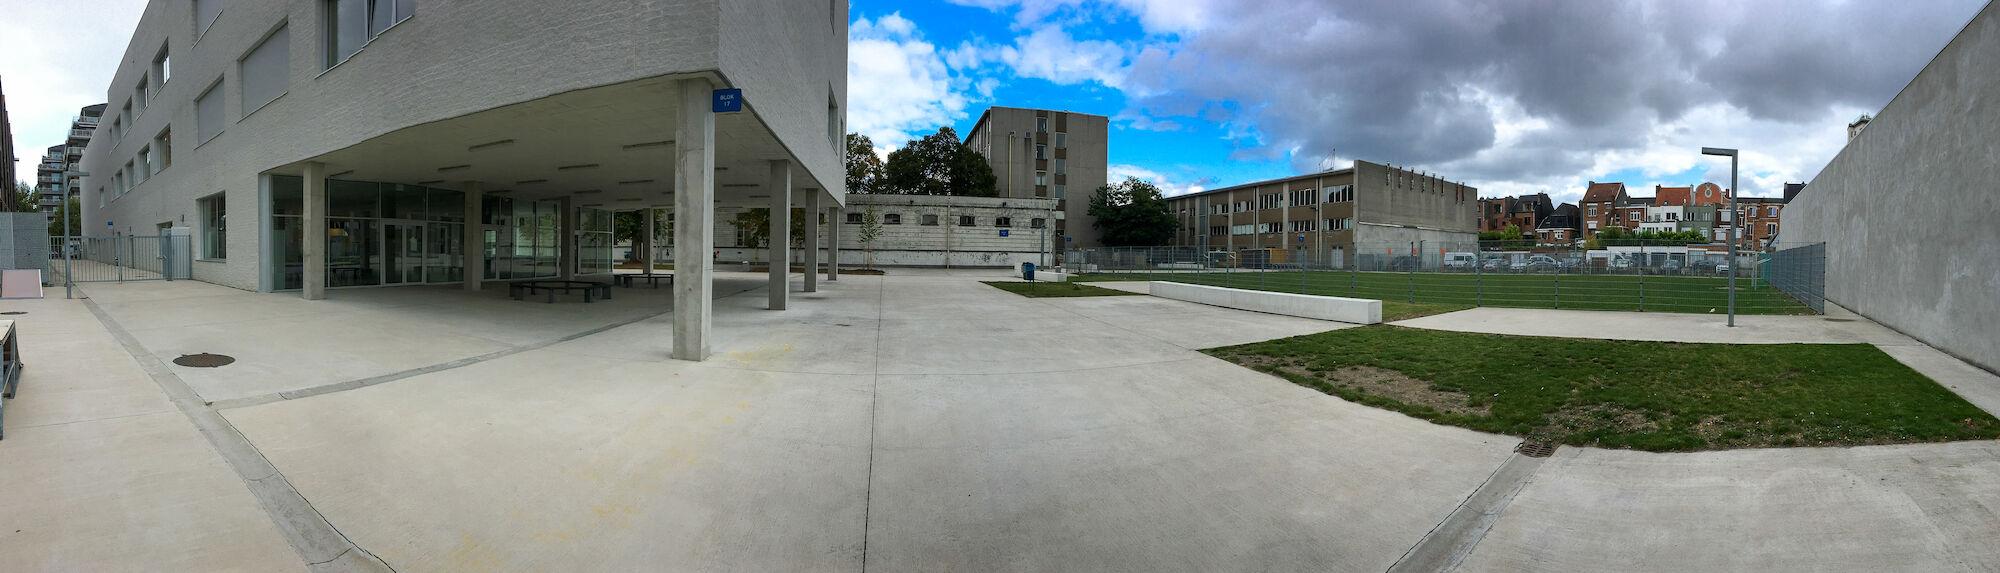 2019-09-23 Campus Stedelijk Onderwijs Offerlaan_Jubileumlaan_Martelaarslaan-IMG_0232.jpg